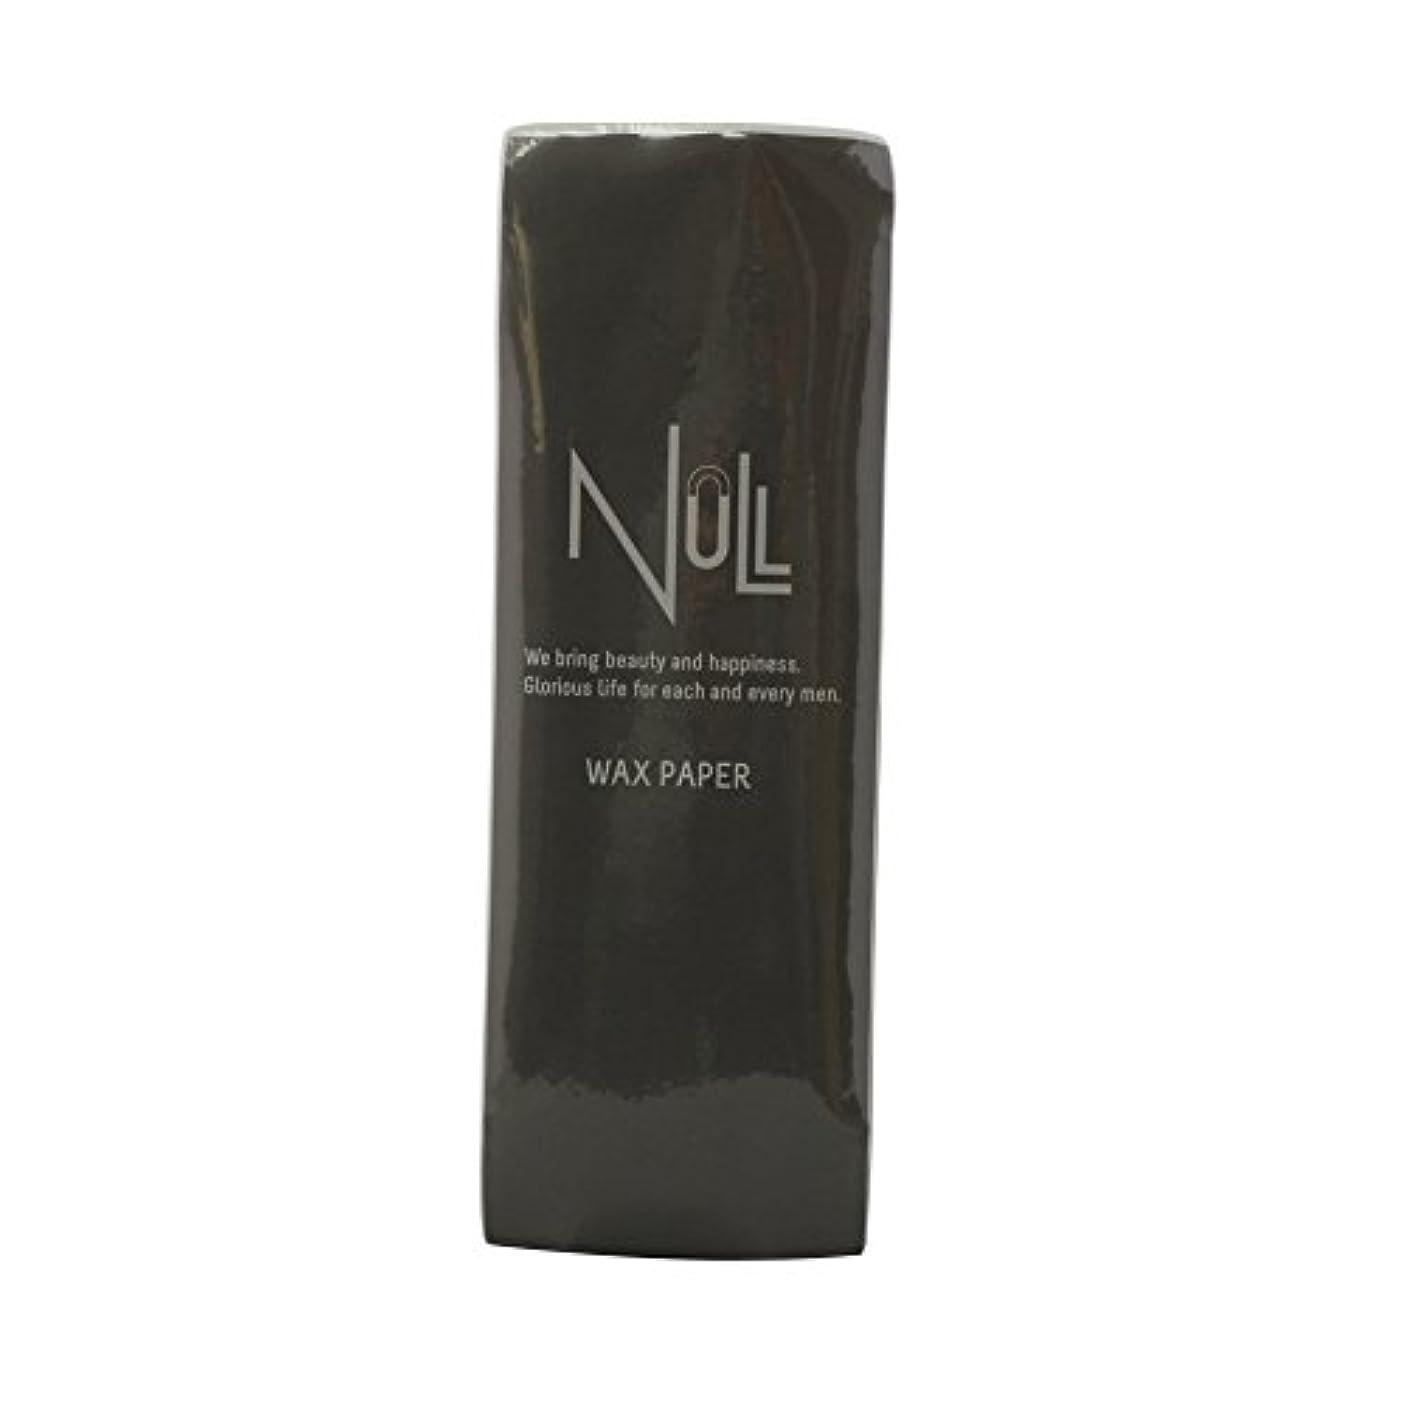 散文豆廃棄NULL ブラジリアンワックス用ペーパー 100枚入り 70mm幅 ワックス脱毛 専用